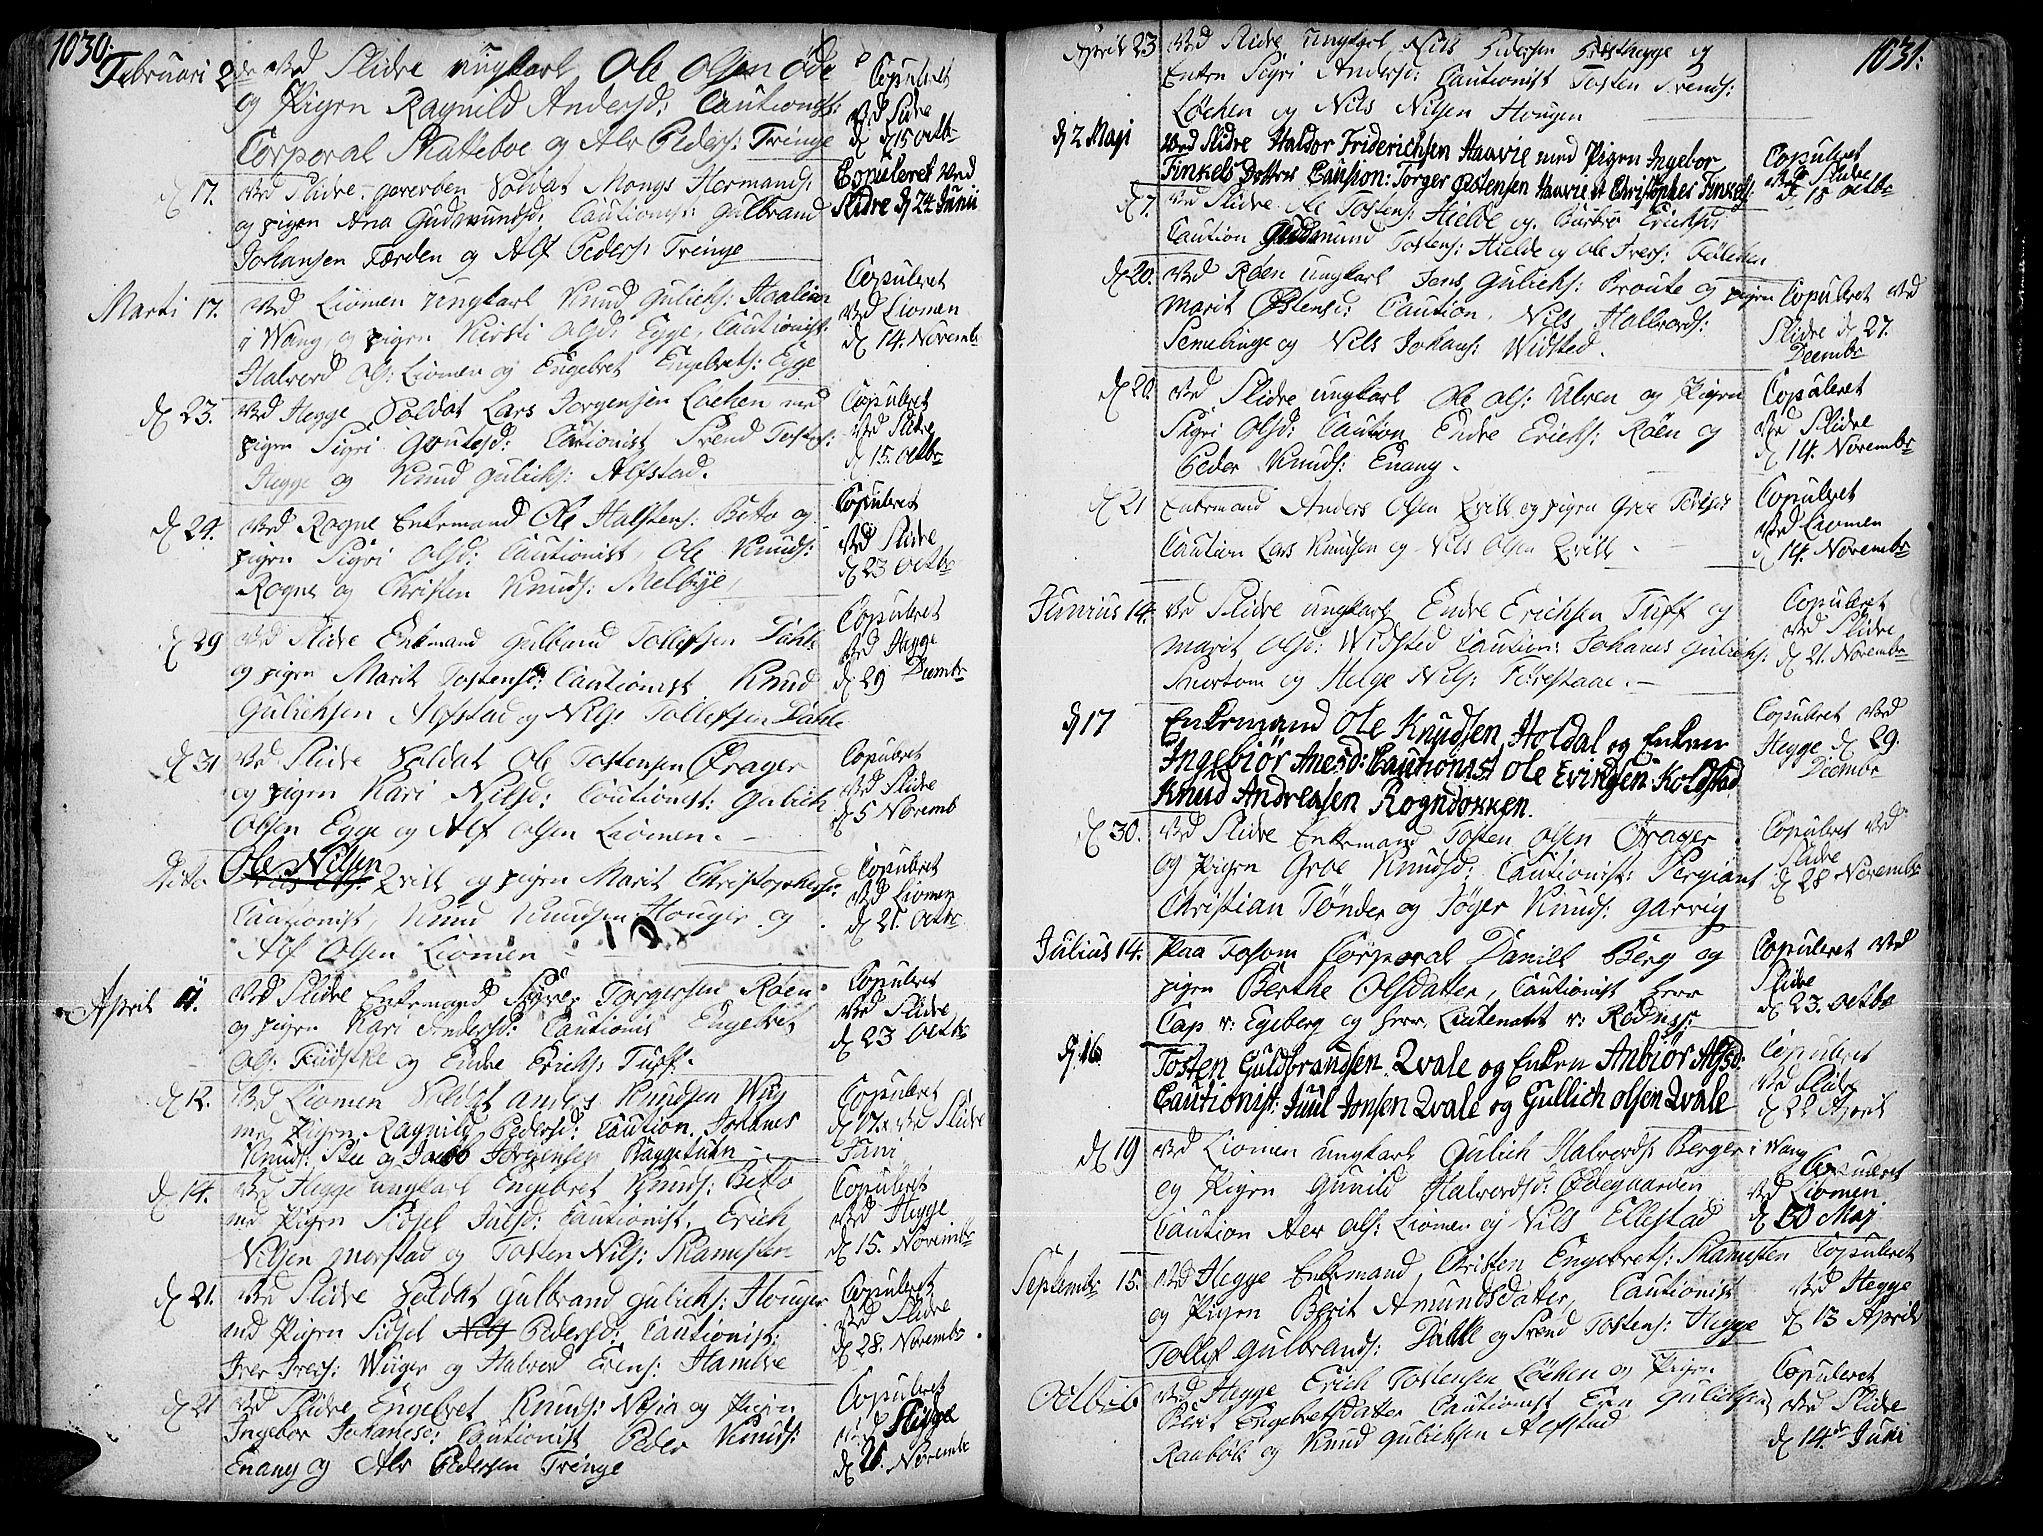 SAH, Slidre prestekontor, Ministerialbok nr. 1, 1724-1814, s. 1030-1031